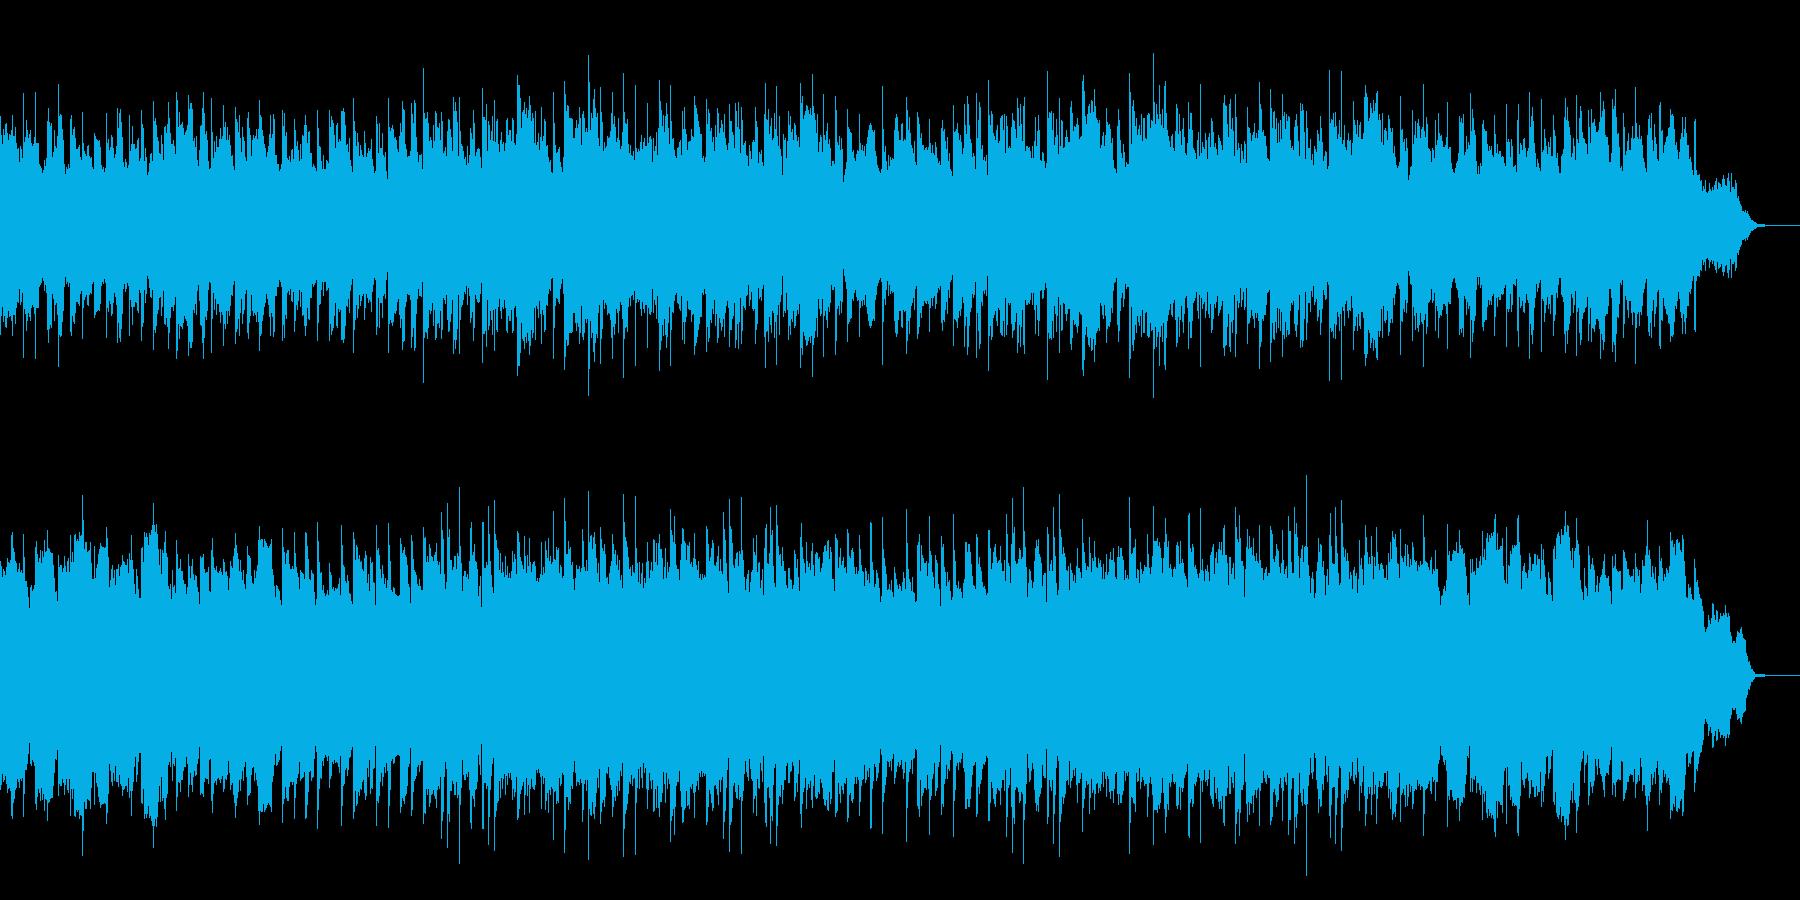 懐かしくてホッとするピアノ中心のワルツの再生済みの波形